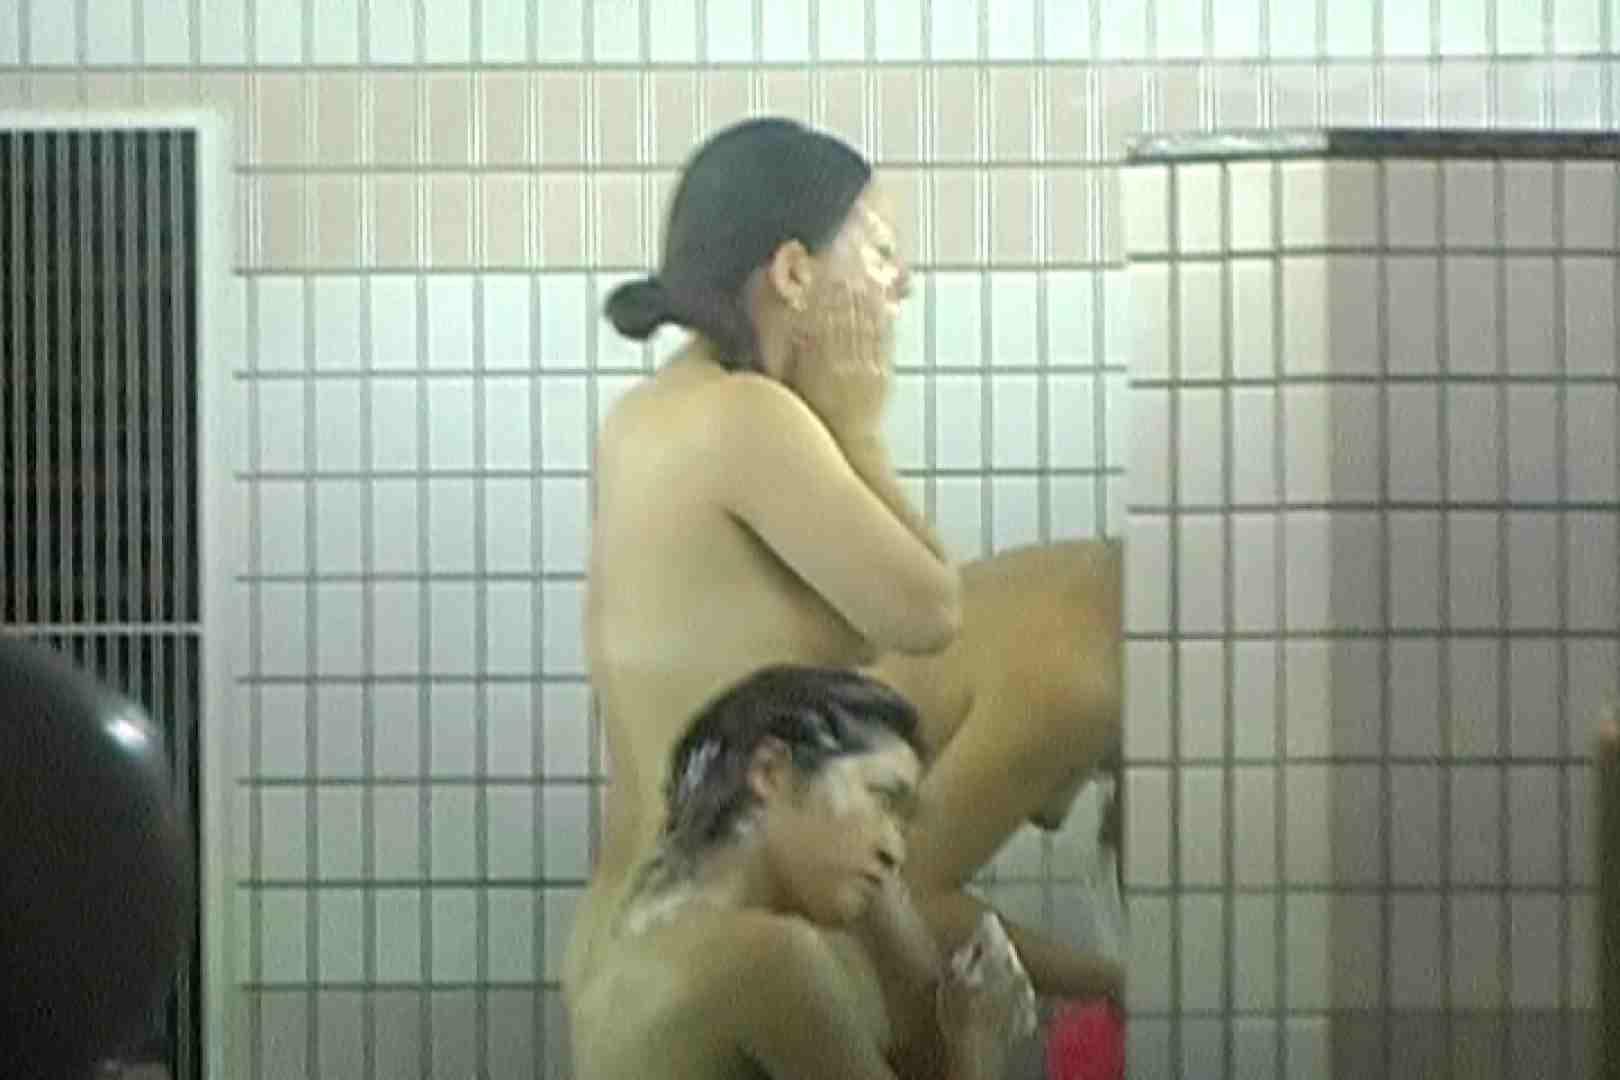 ▲復活限定▲合宿ホテル女風呂盗撮 Vol.04 女風呂 オマンコ動画キャプチャ 99PIX 68